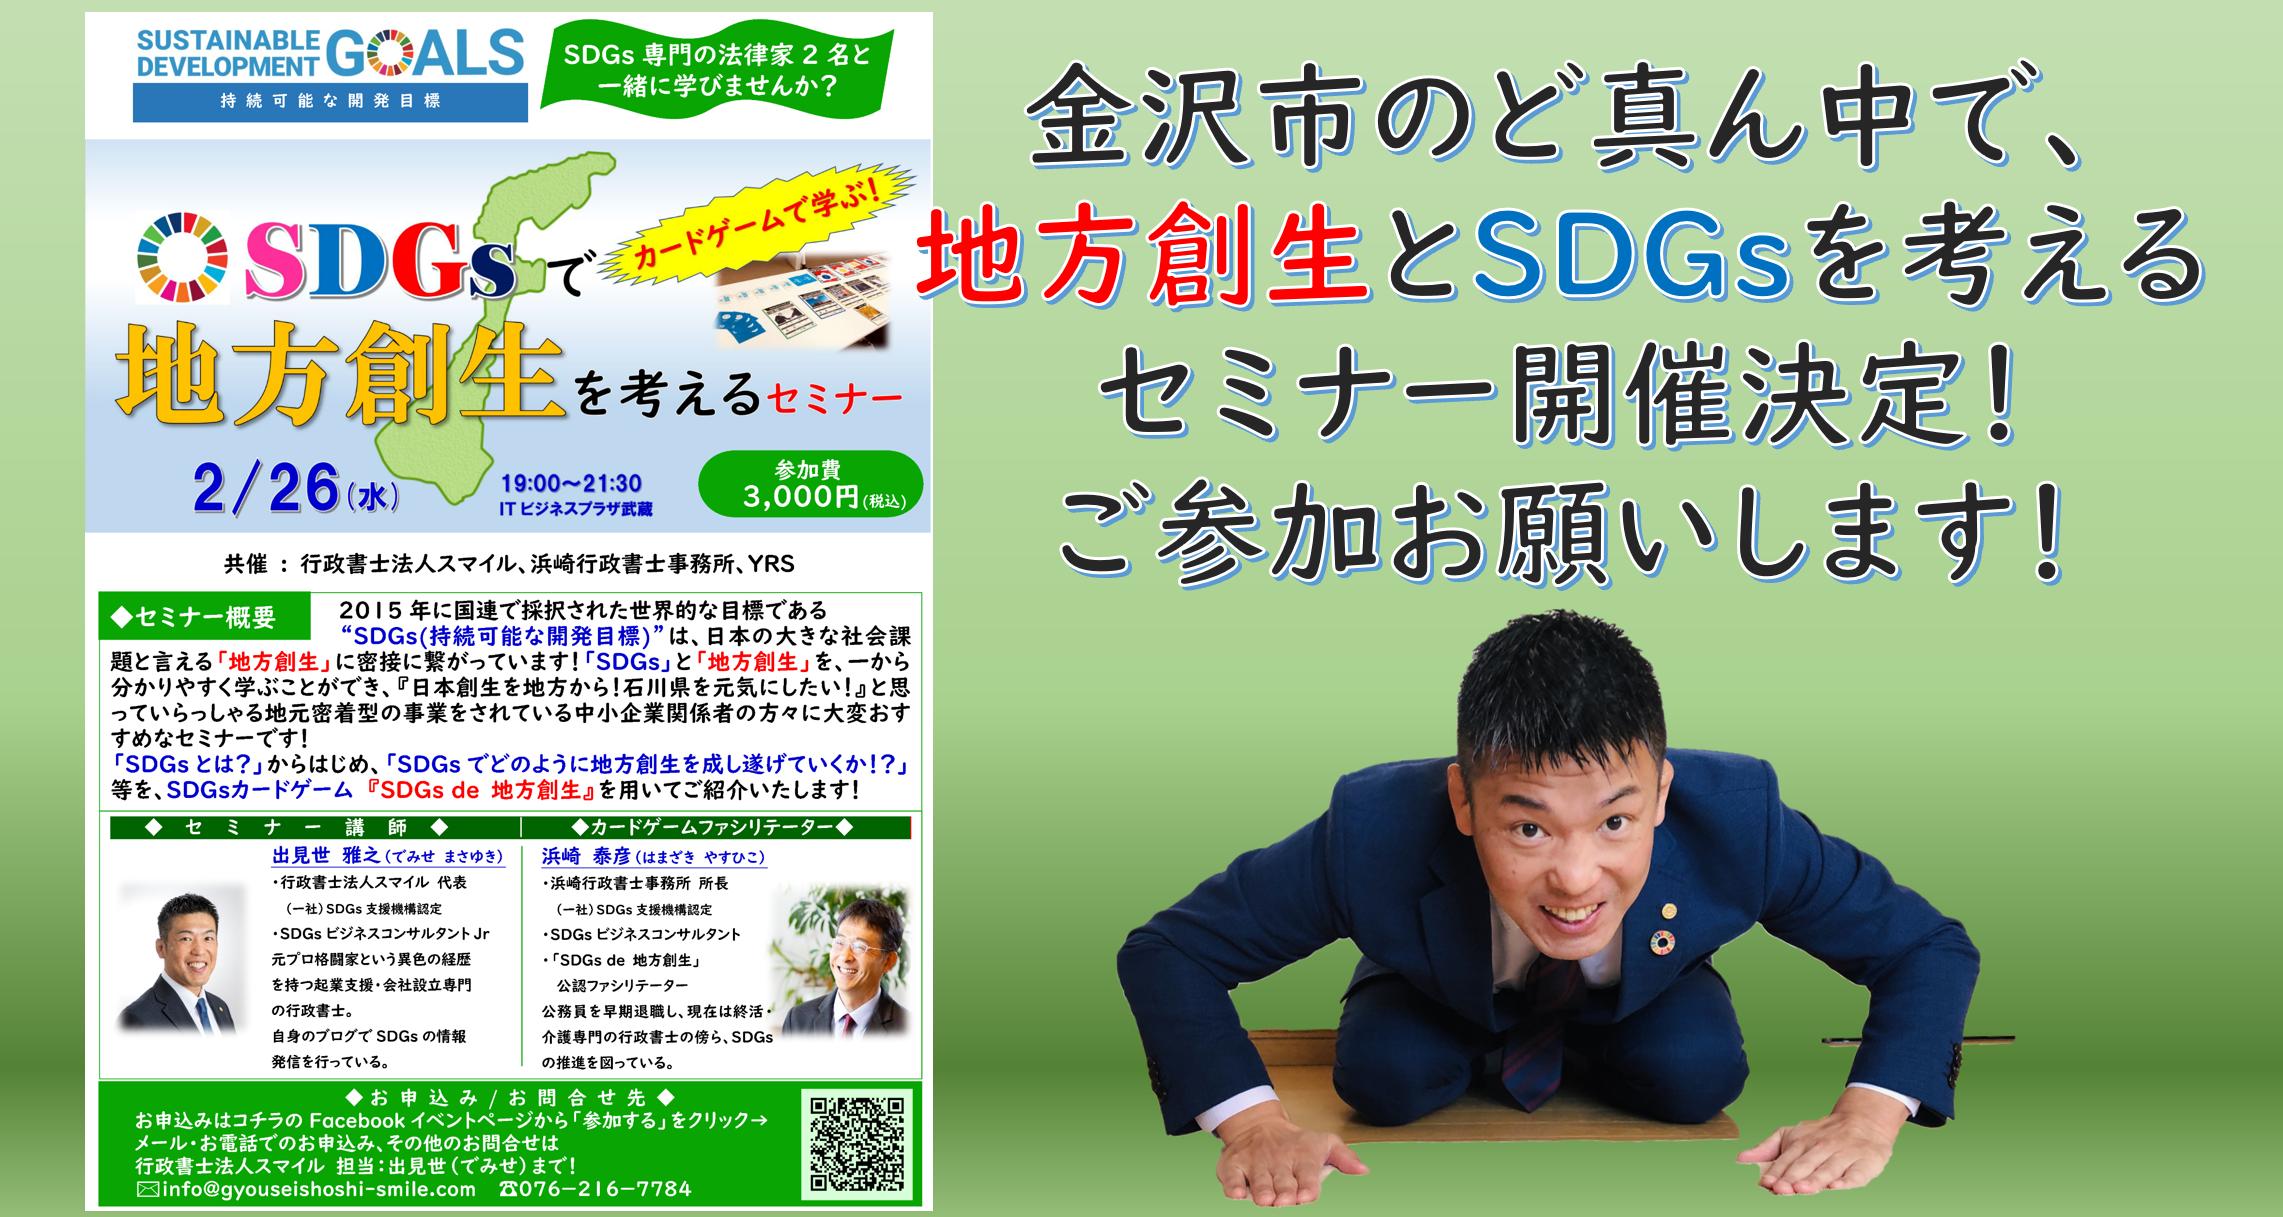 SDGs地方創生セミナー案内です